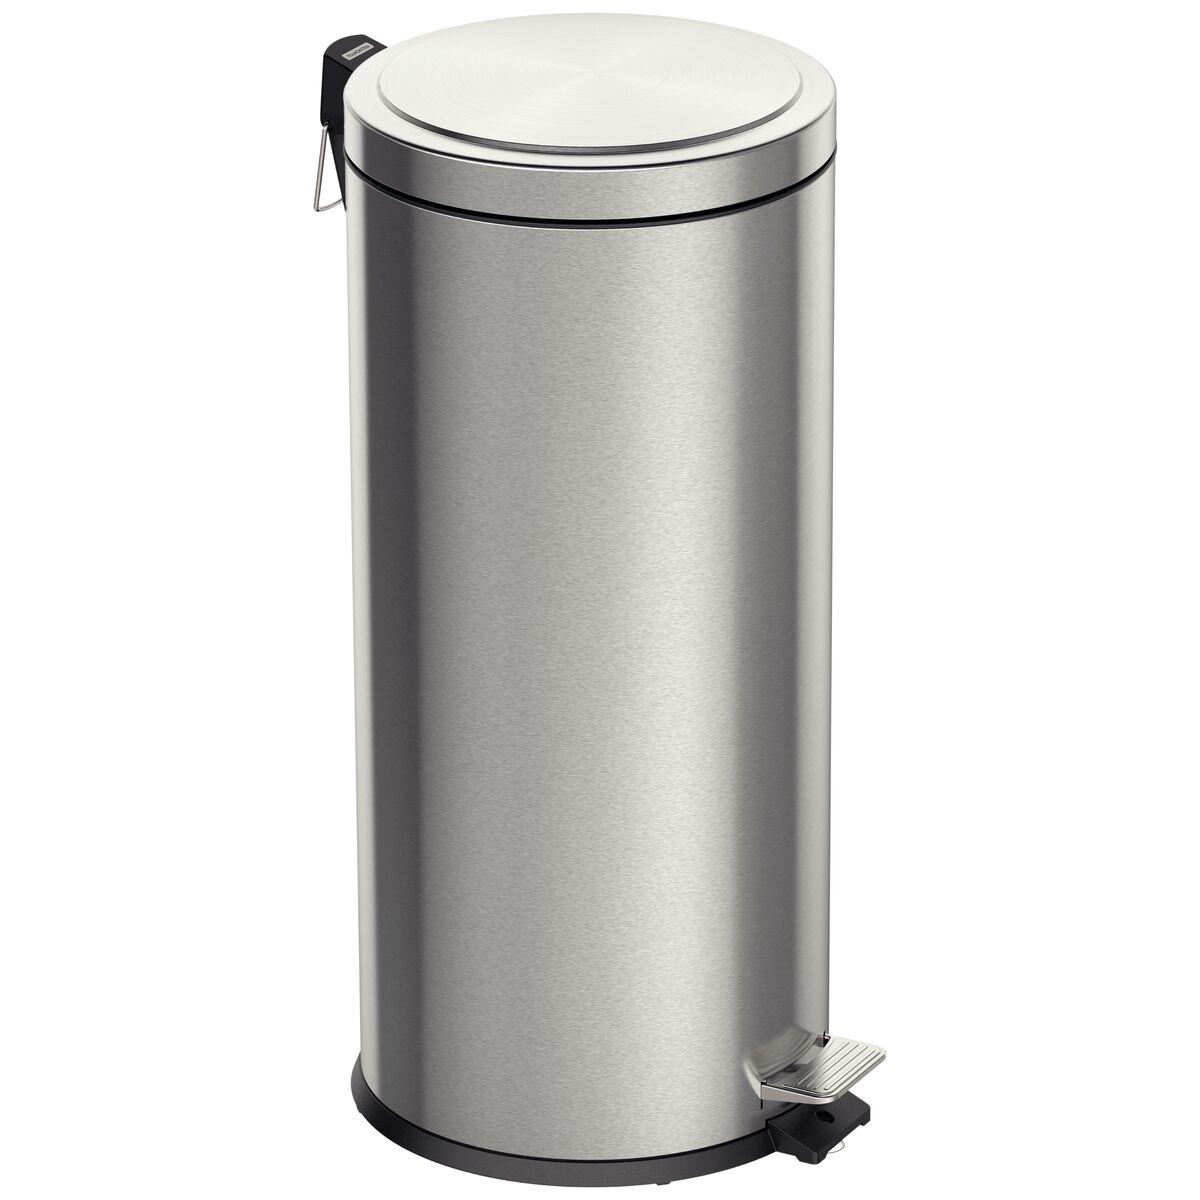 Pedal trash bin scotch brite finishing 30 liters